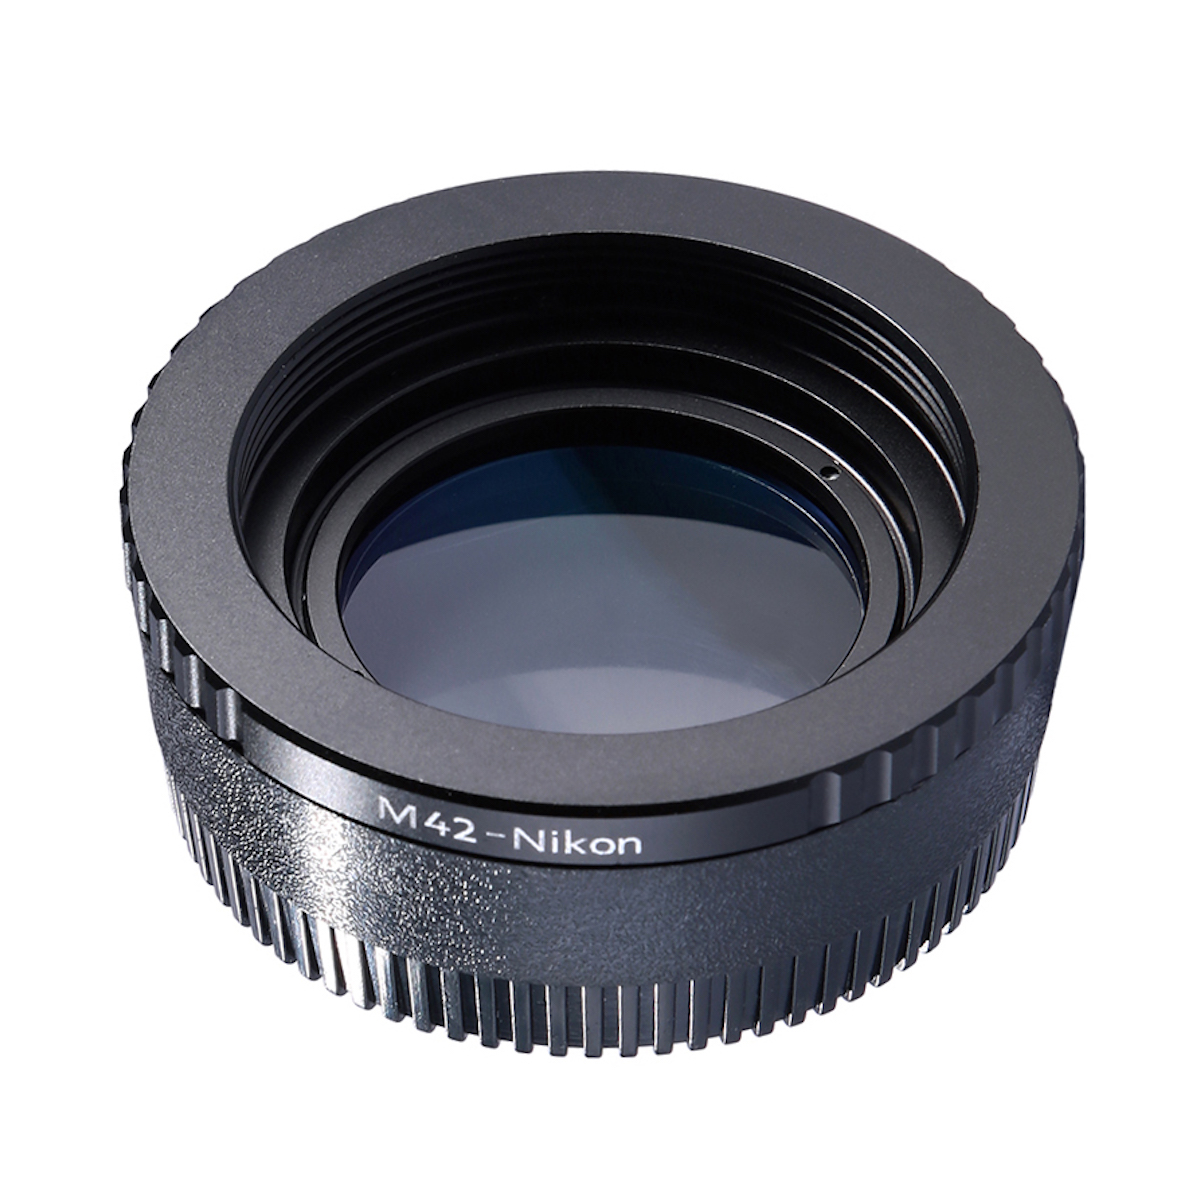 KF 10%OFF CONCEPT Concept レンズマウントアダプター KF-42F アウトレット 無限遠補正レンズ付き M42マウントレンズ ニコンFマウント変換 →